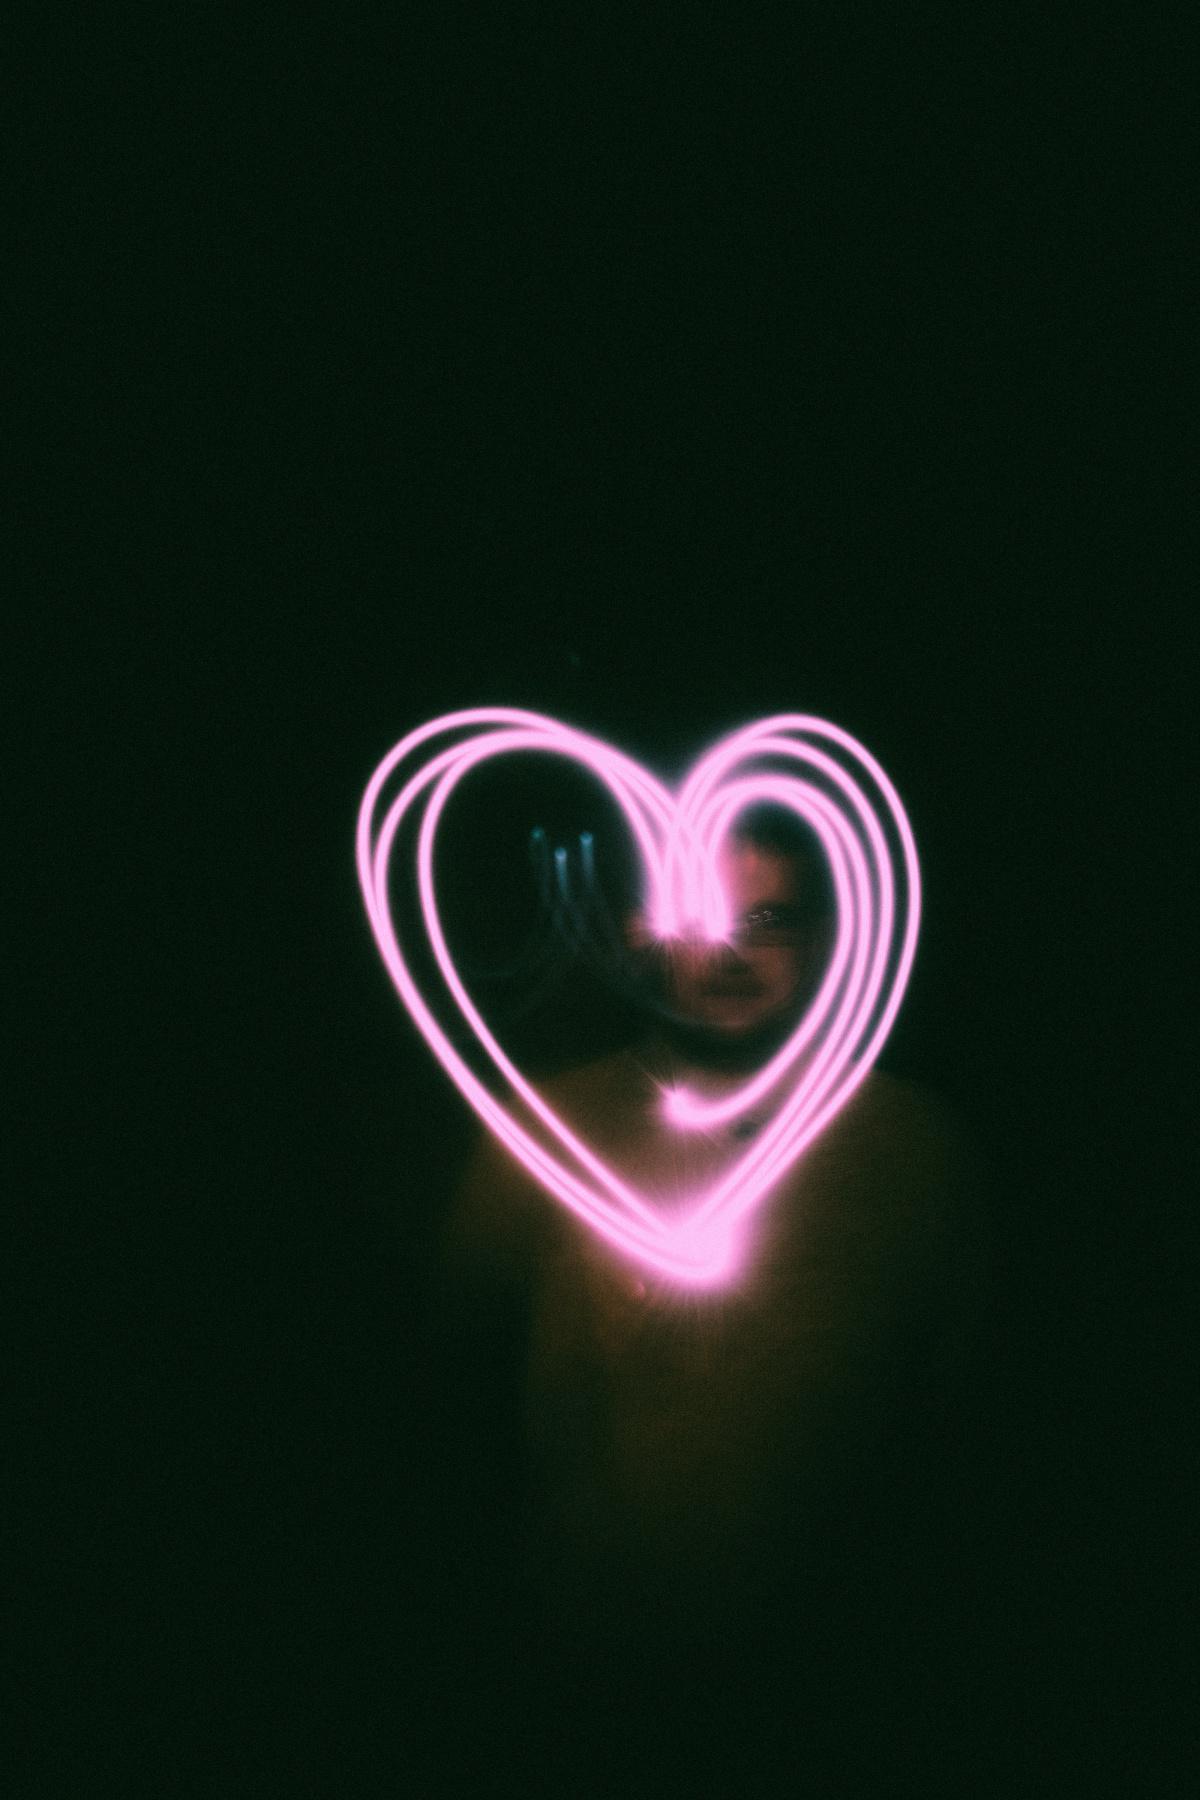 Das Herz in eine Kiste packen